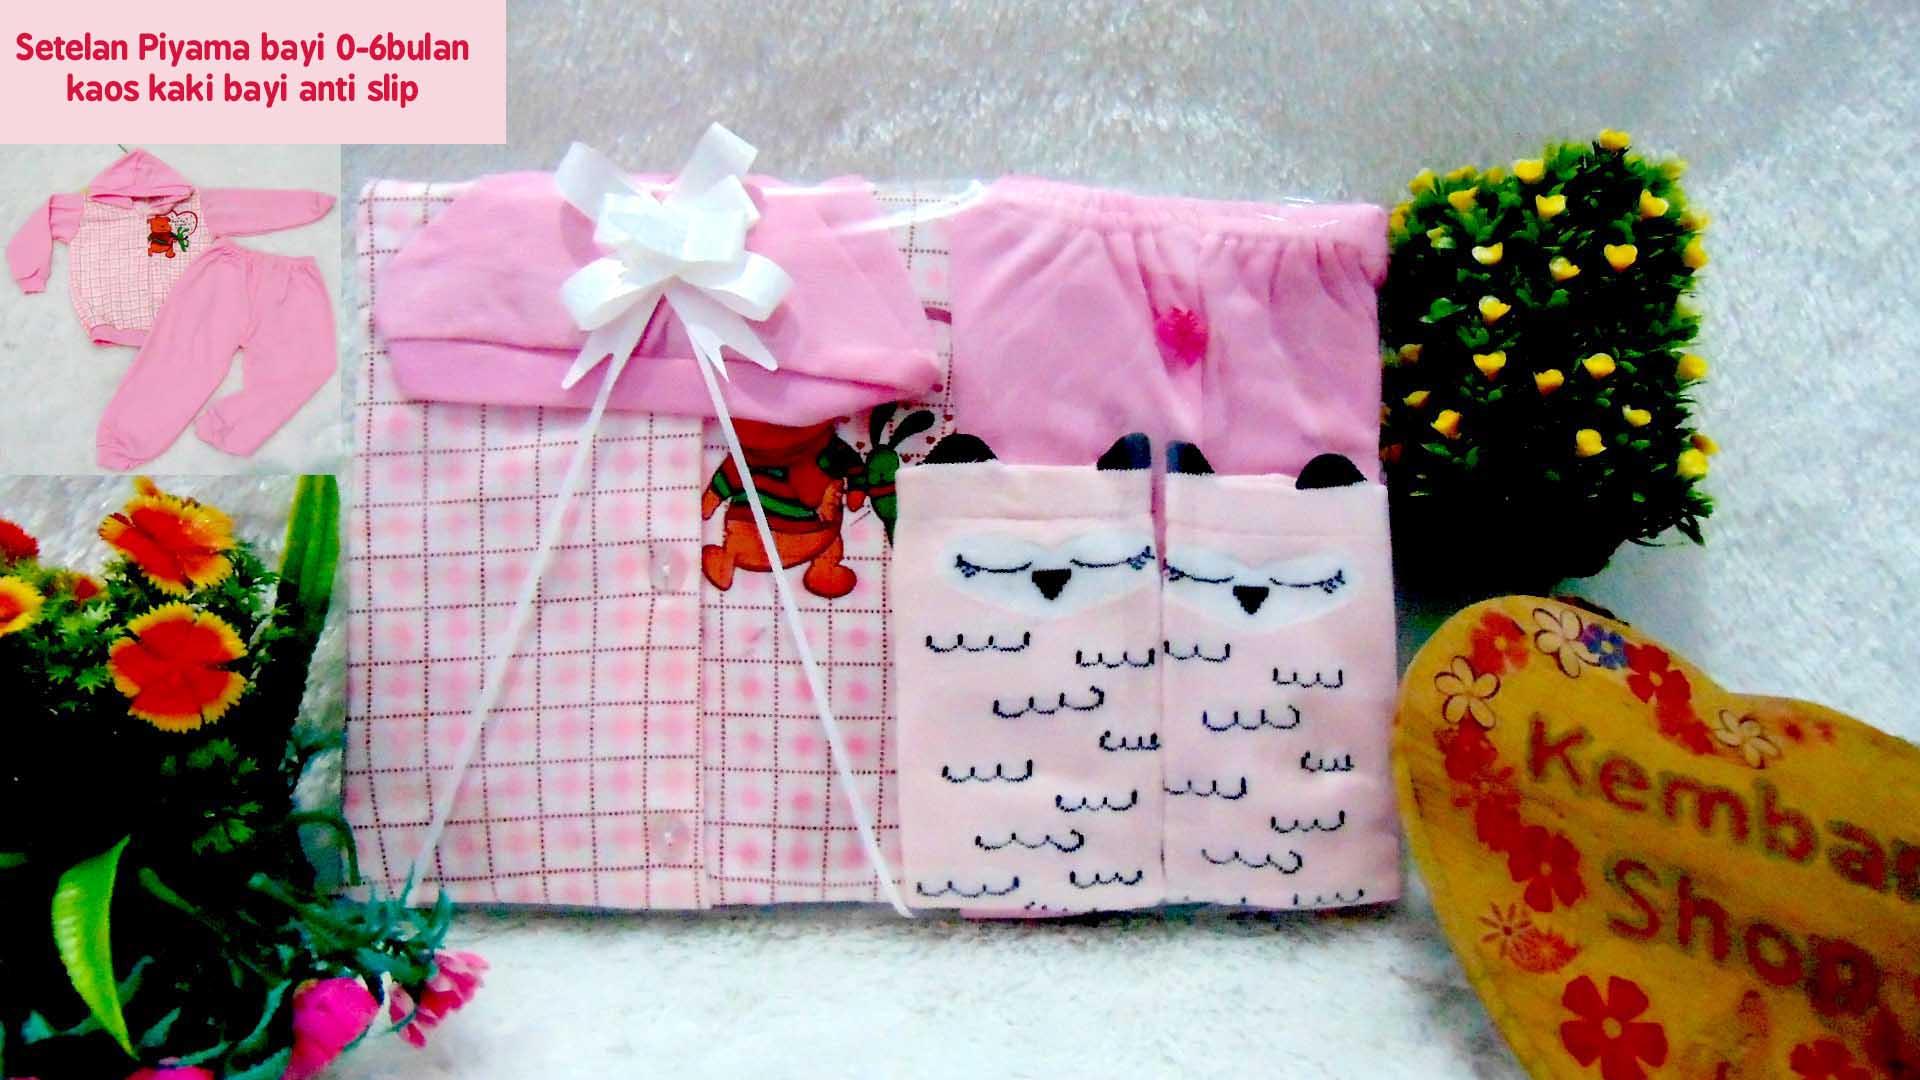 PAKET D Hampers Bayi Newborn Kado Bayi Kado Setelan Bayi Piyama Bayi Kado Lahiran Baby Gift Set Baju Bayi Perempuan 8